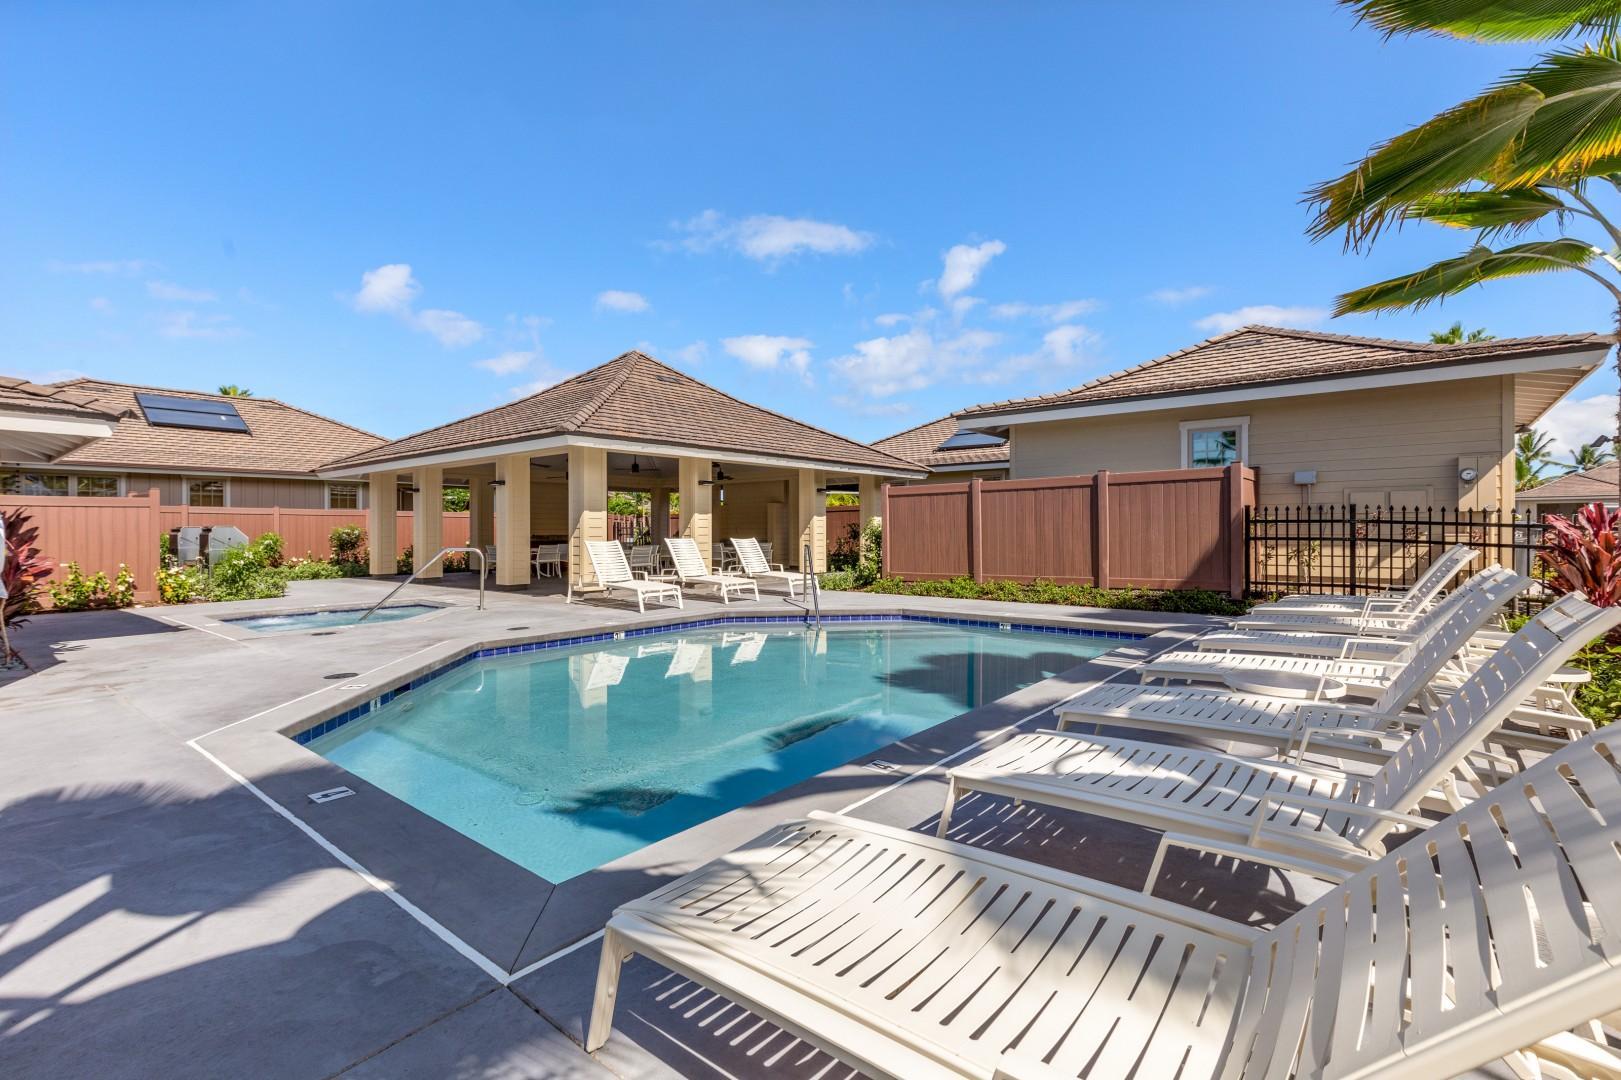 Holua Kai Community Pool and Spa